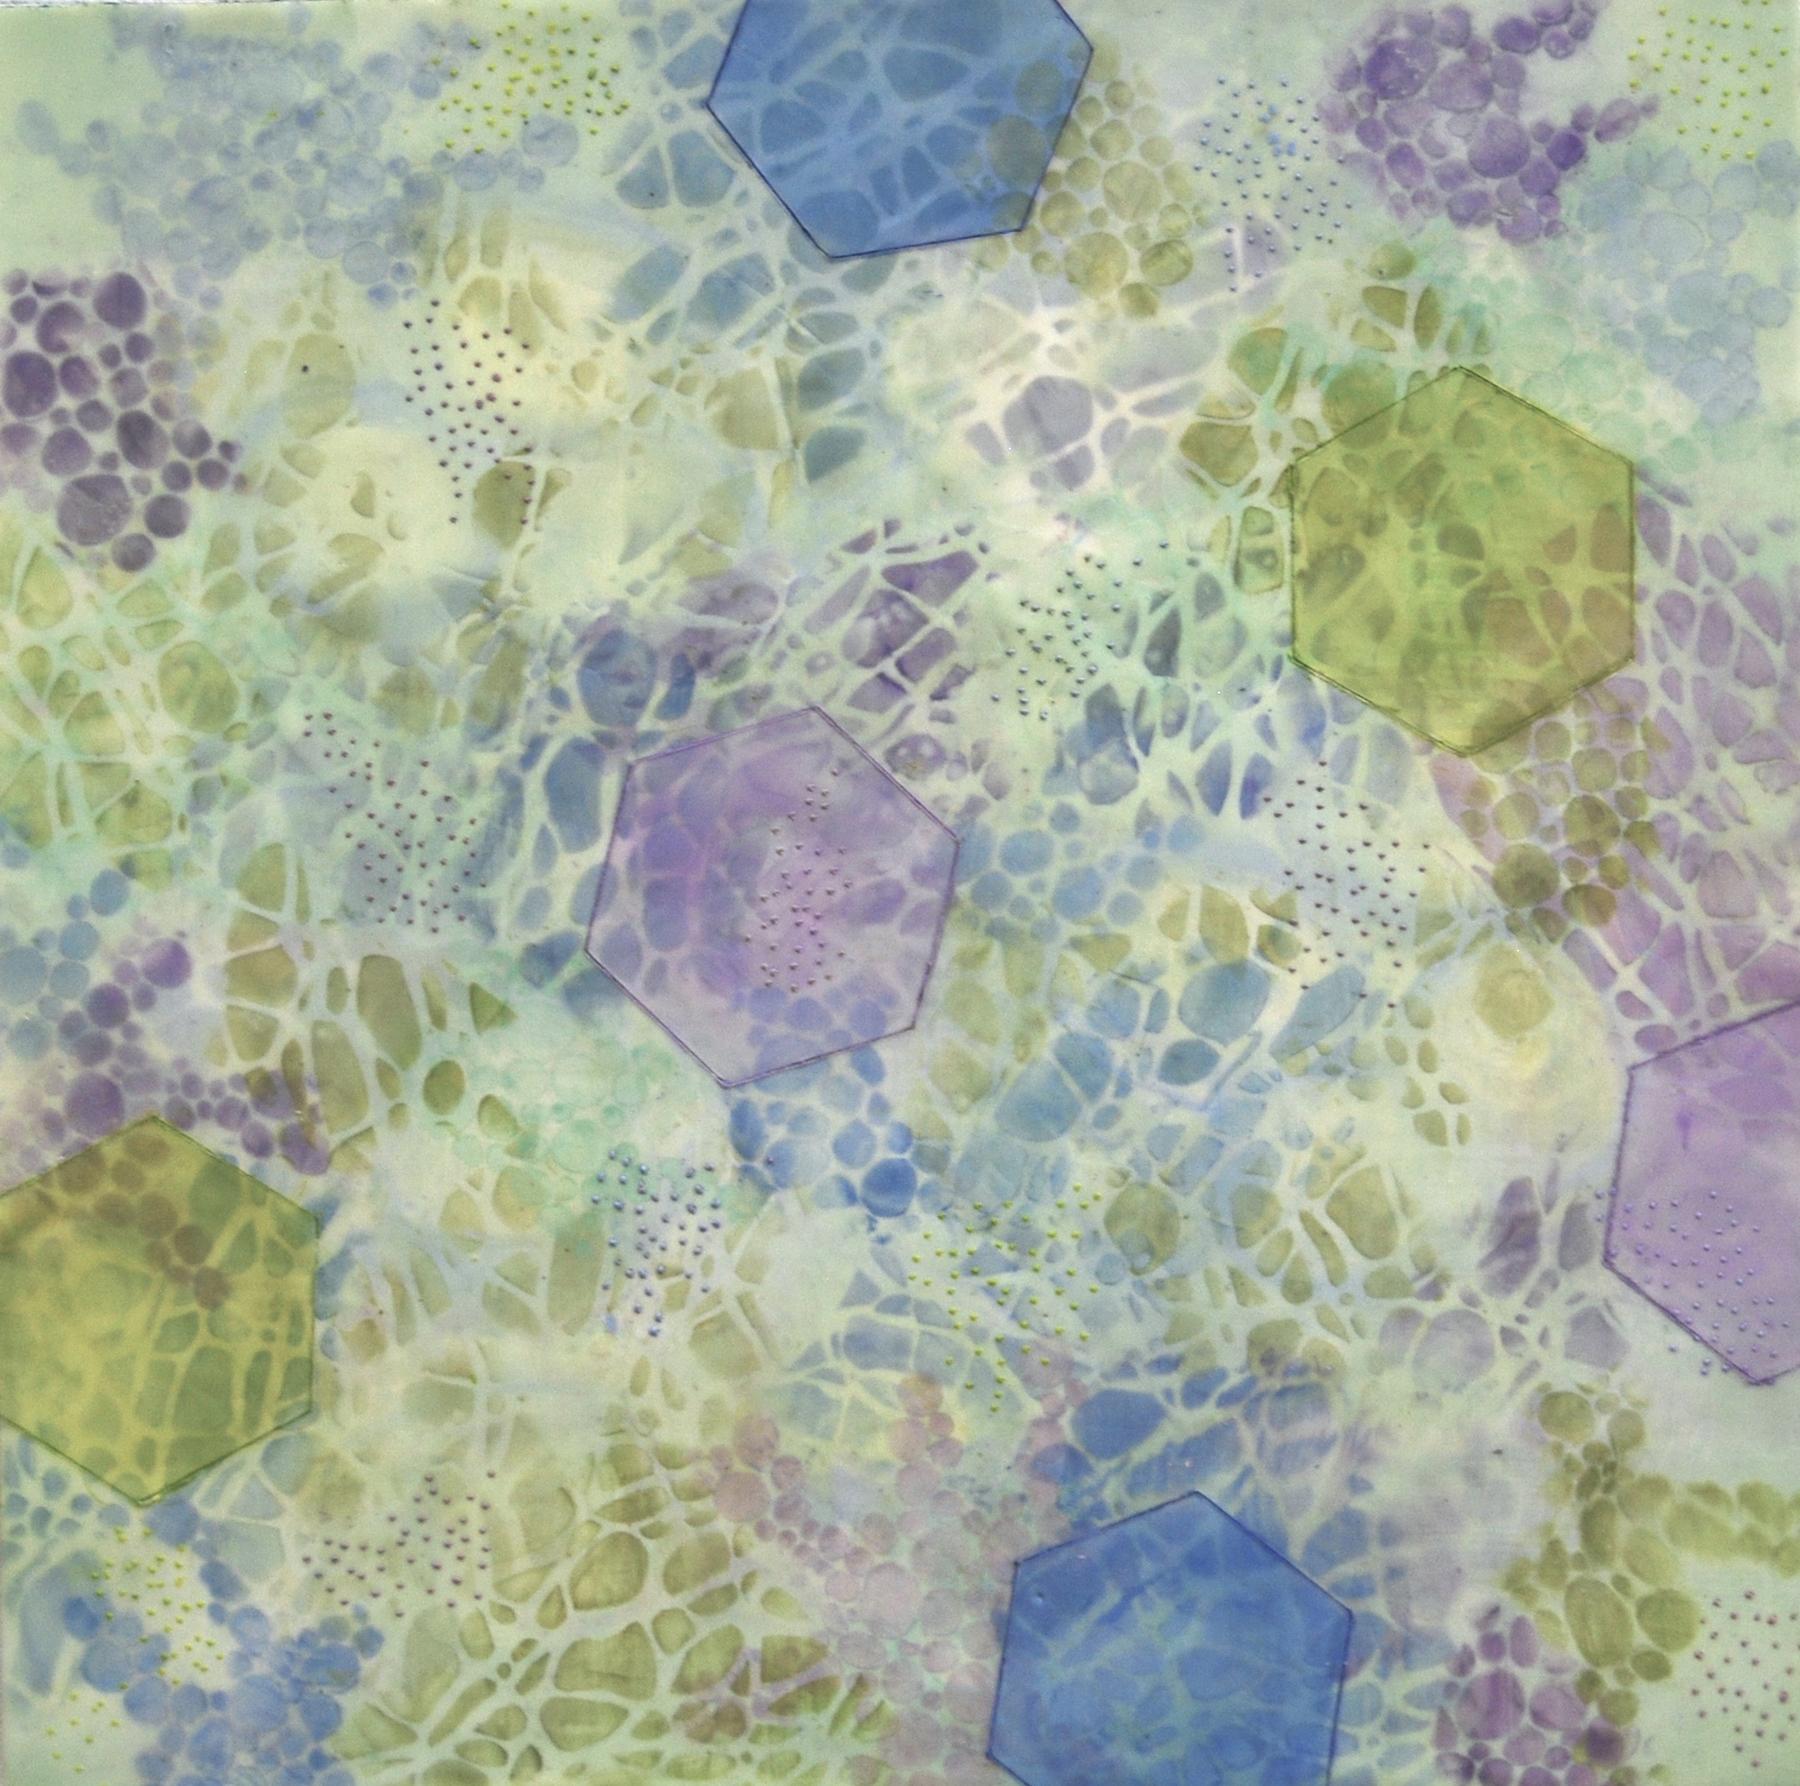 Kay Hartung,  Bio Patterns 1 , encaustic and mixed media, 20x20